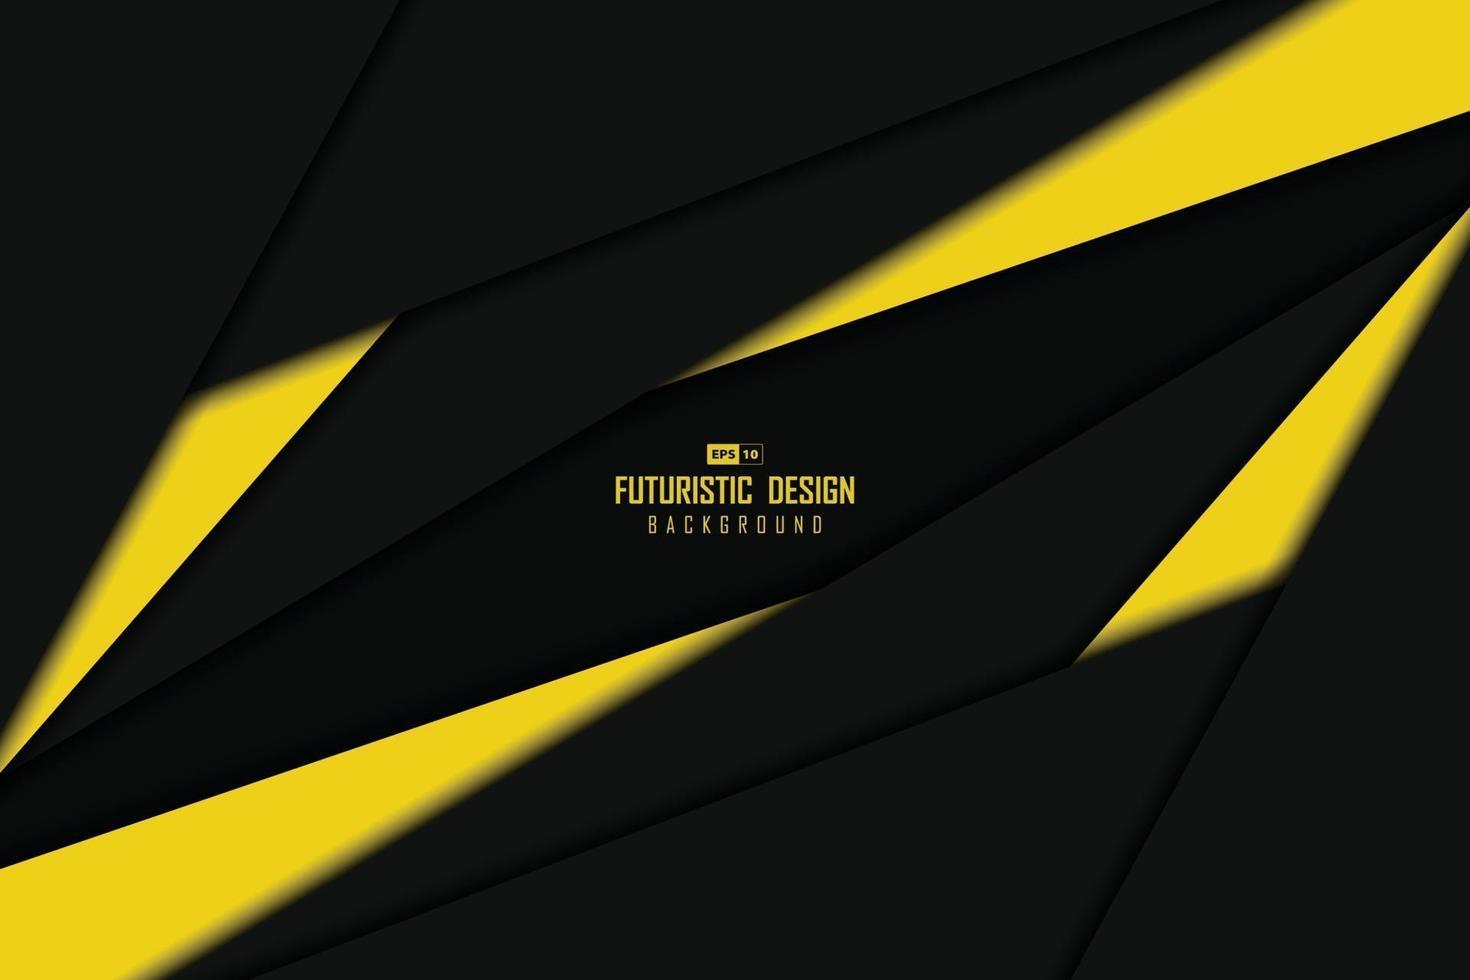 abstrakt svart och gul teknisk överlappande design av centrummallbakgrund. illustration vektor eps10